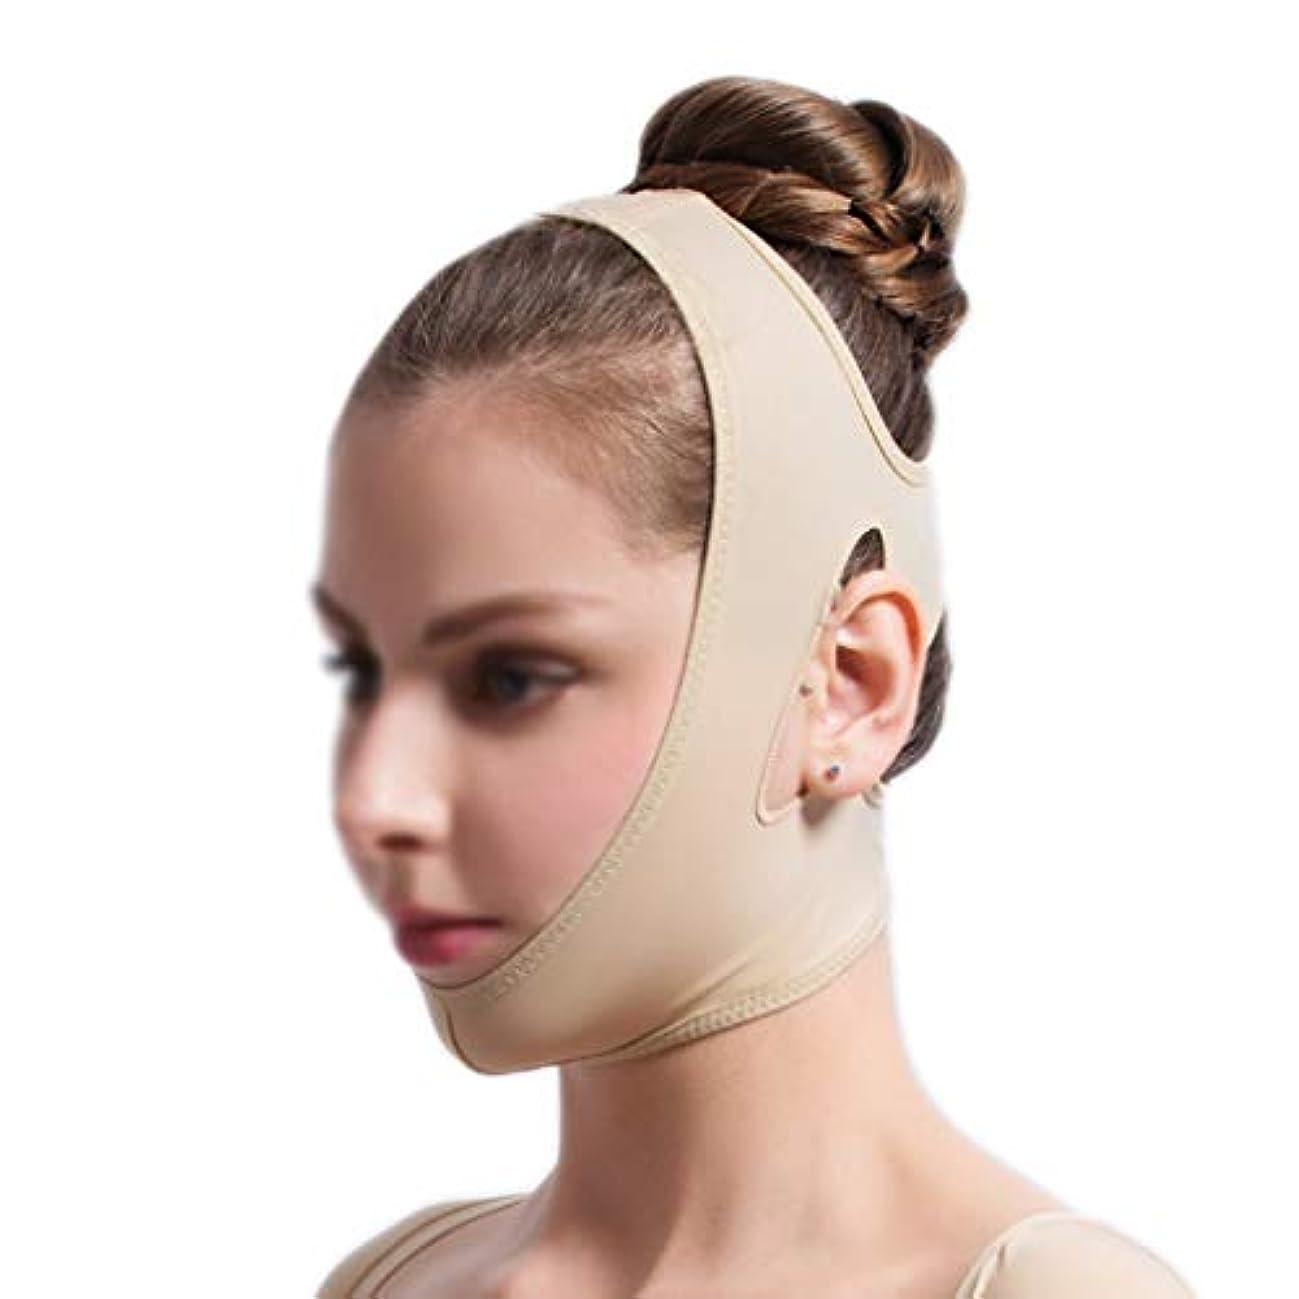 血まみれ売上高ガラスフェイスリフティング包帯、フェイシャル減量マスク、フェイシャルリフティング痩身ベルト、痩身頬マスク (Size : L)